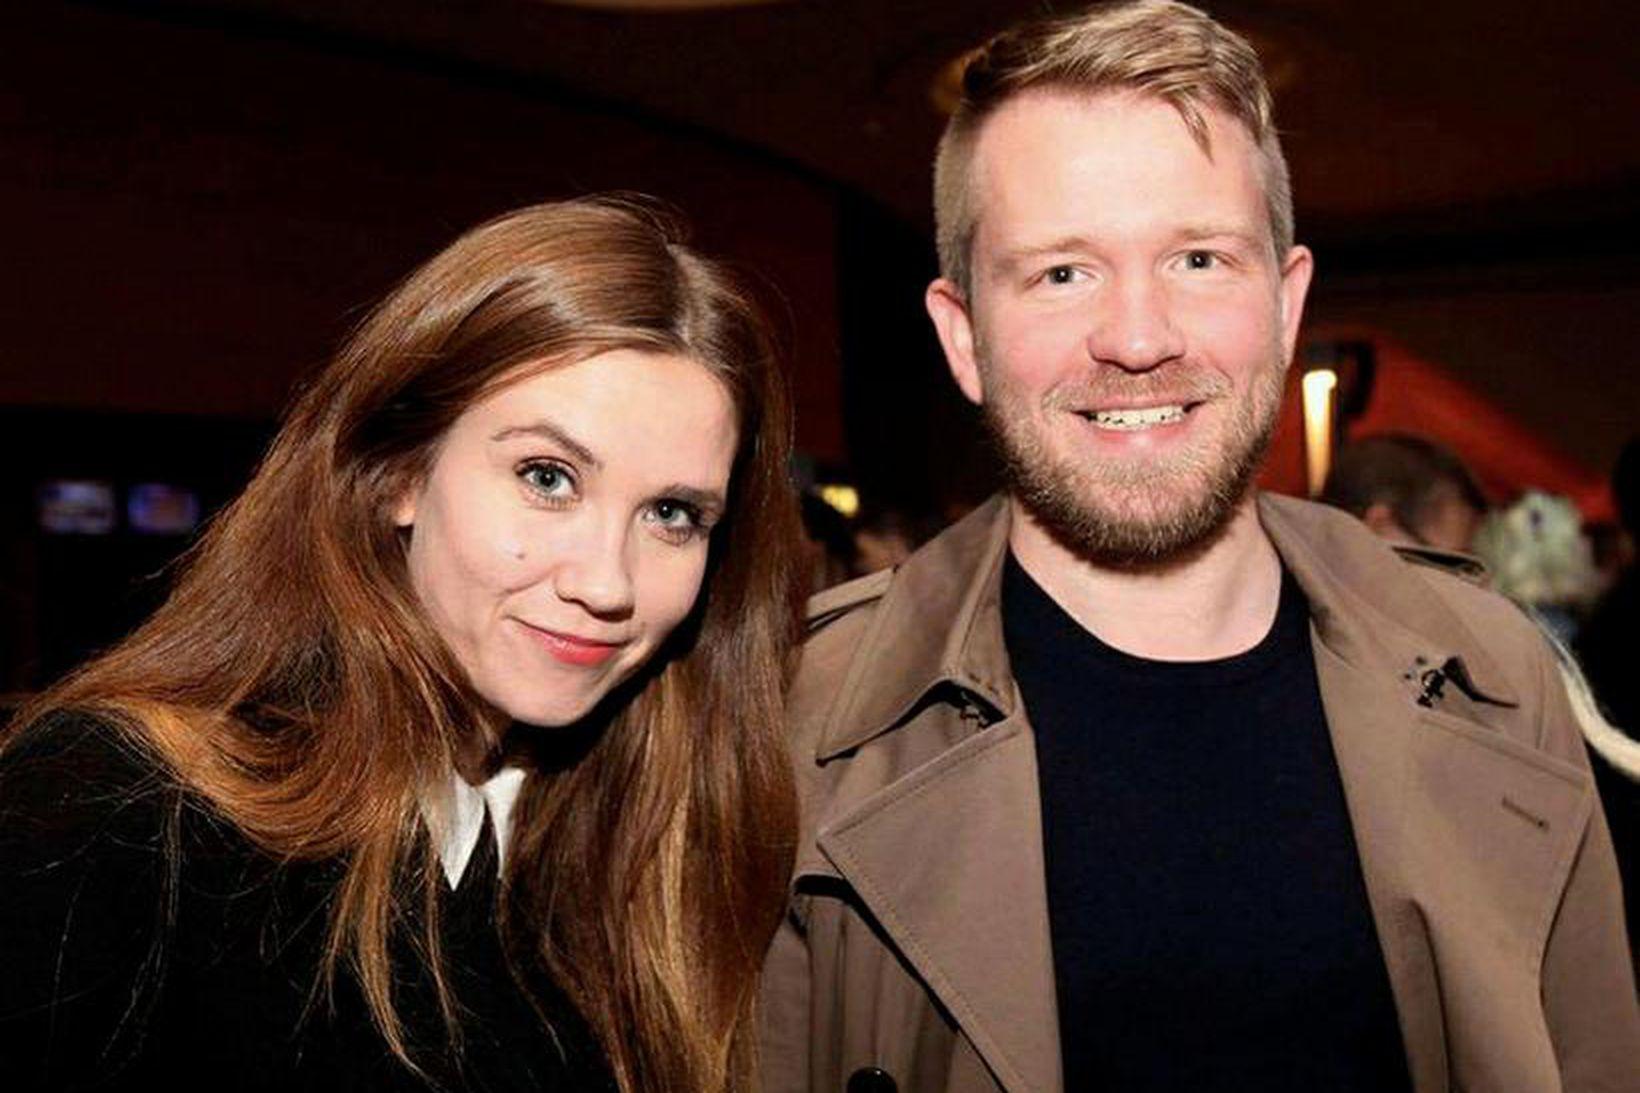 Viktoría Hermannsdóttir og Sóli Hólm eiga von á barni.